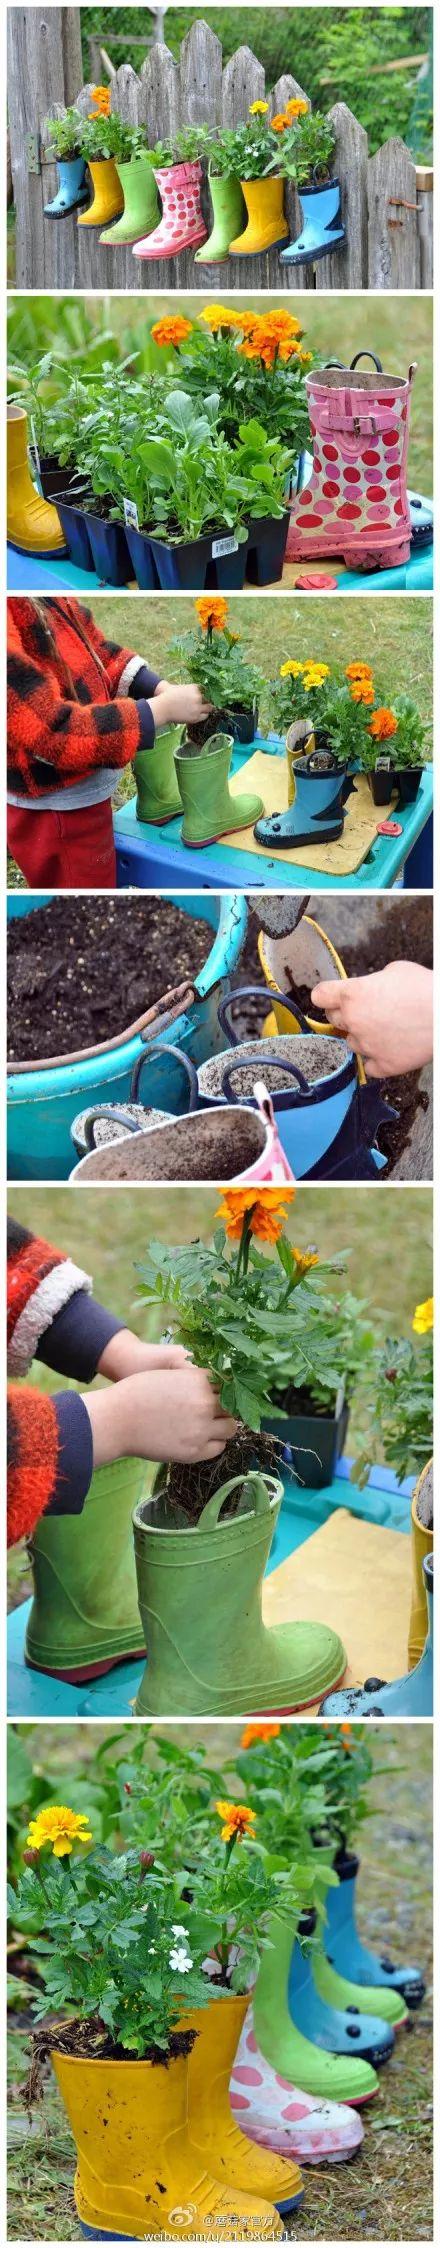 Die besten 25 kinderspielplatz garten ideen auf pinterest for Gartenideen kinder